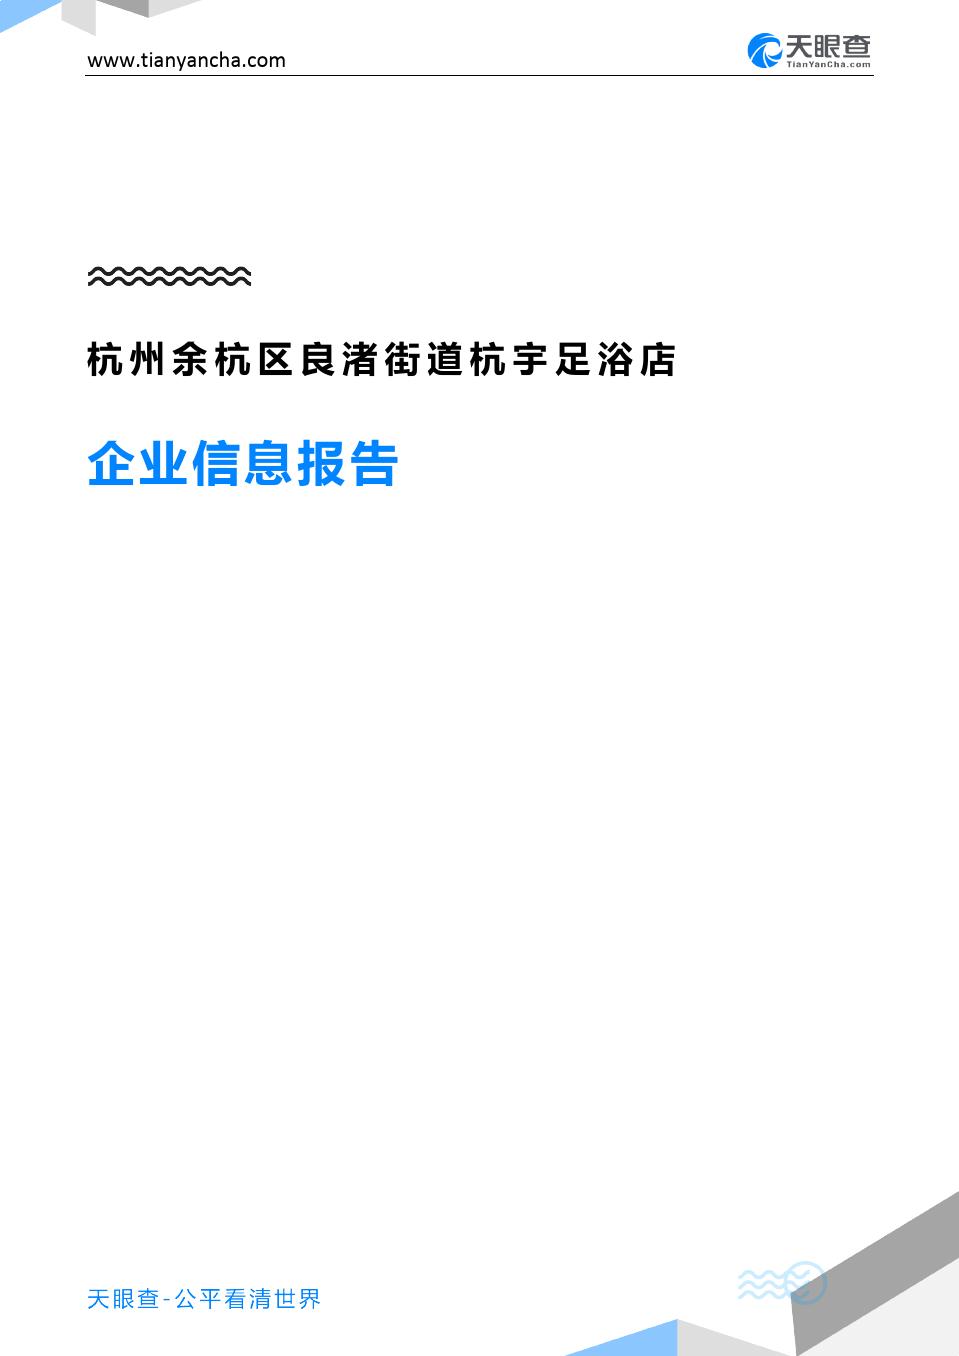 杭州余杭区良渚街道杭宇足浴店企业信息报告-天眼查